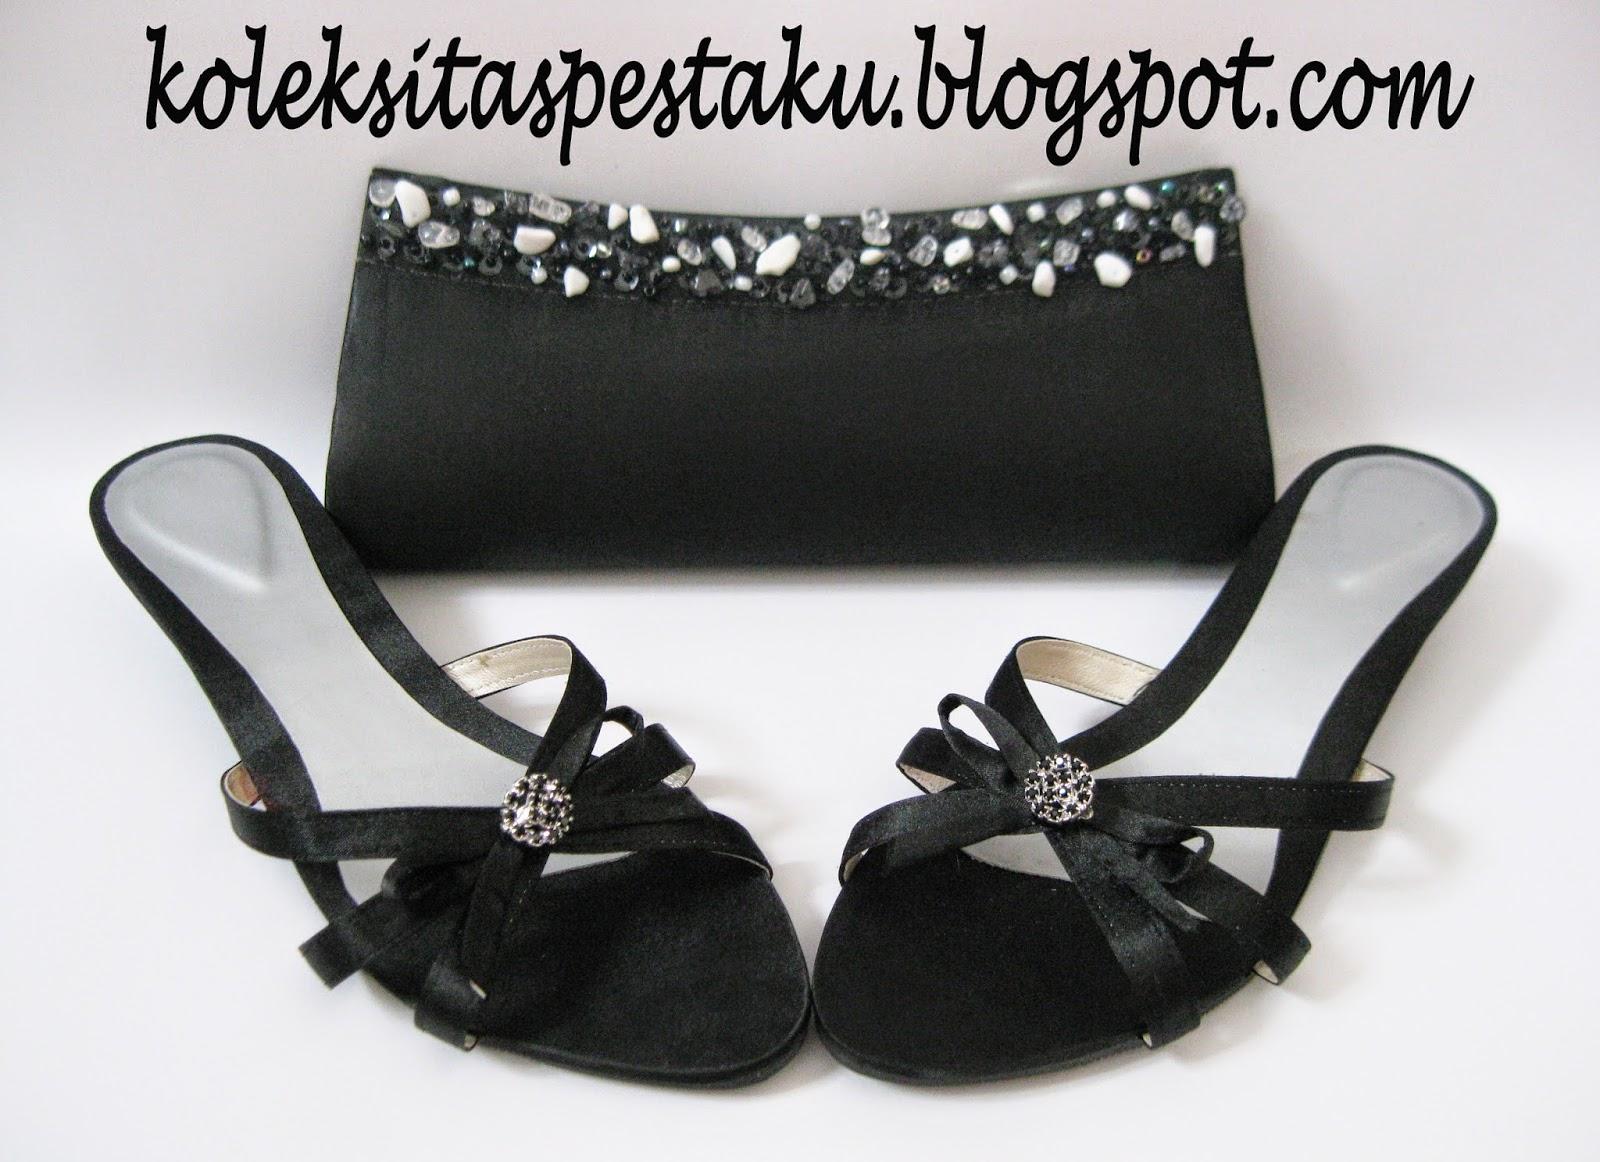 Payet U Tas Pesta Cantik dan Sandal Pesta Tinggi Hitam